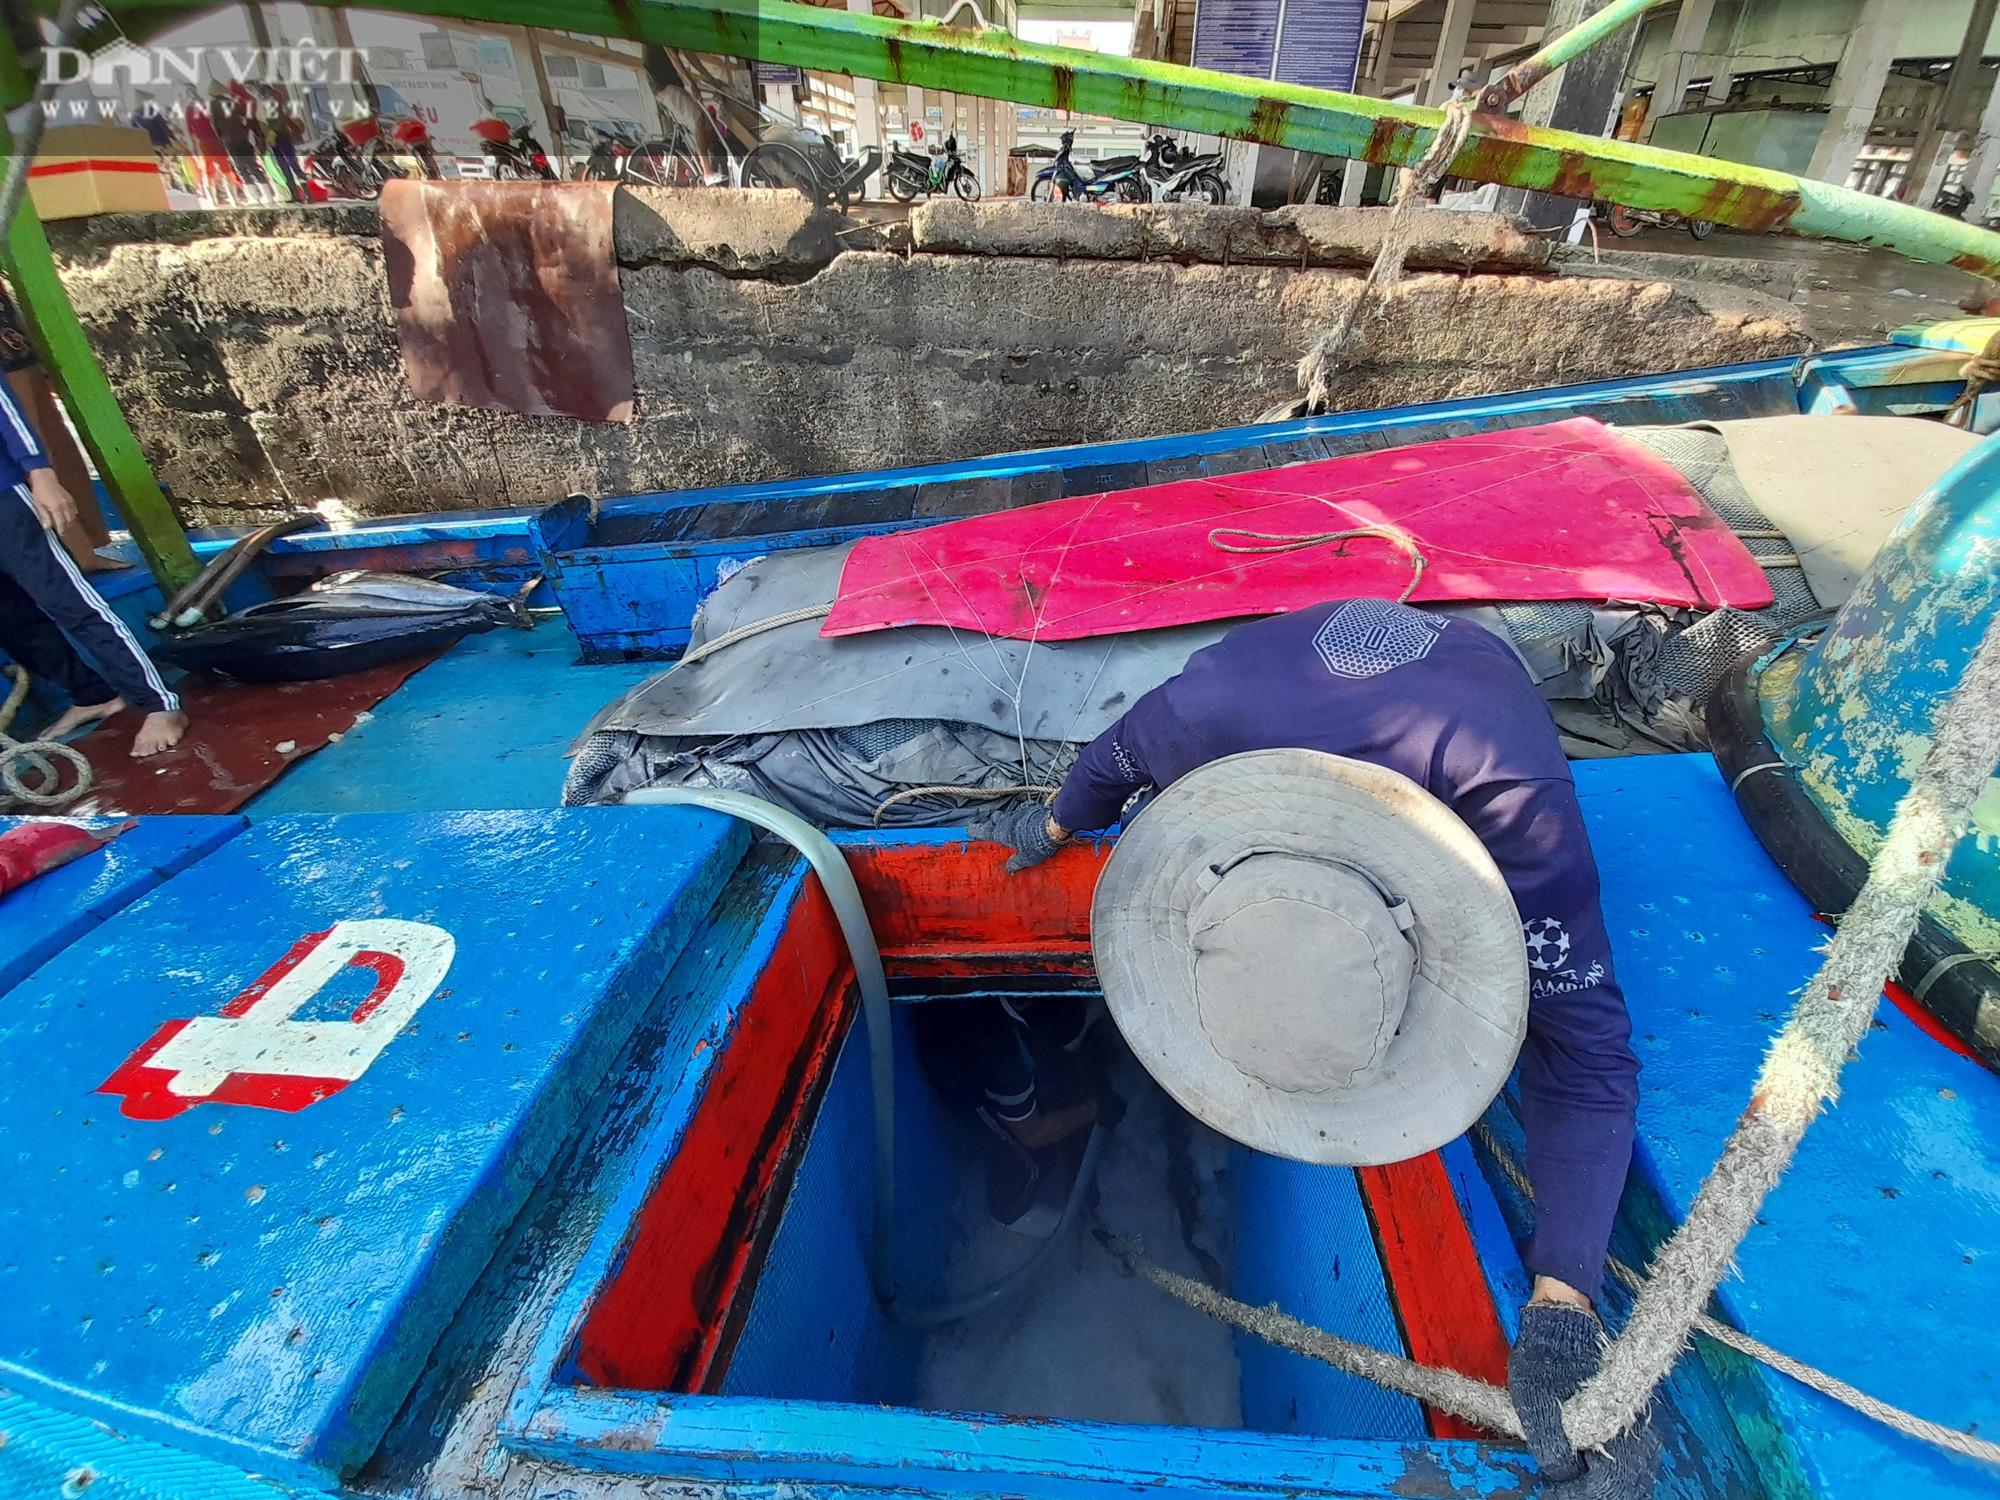 Cận cảnh đưa cá ngừ đại dương về bờ sau chuyến biển xuyên Tết - Ảnh 12.